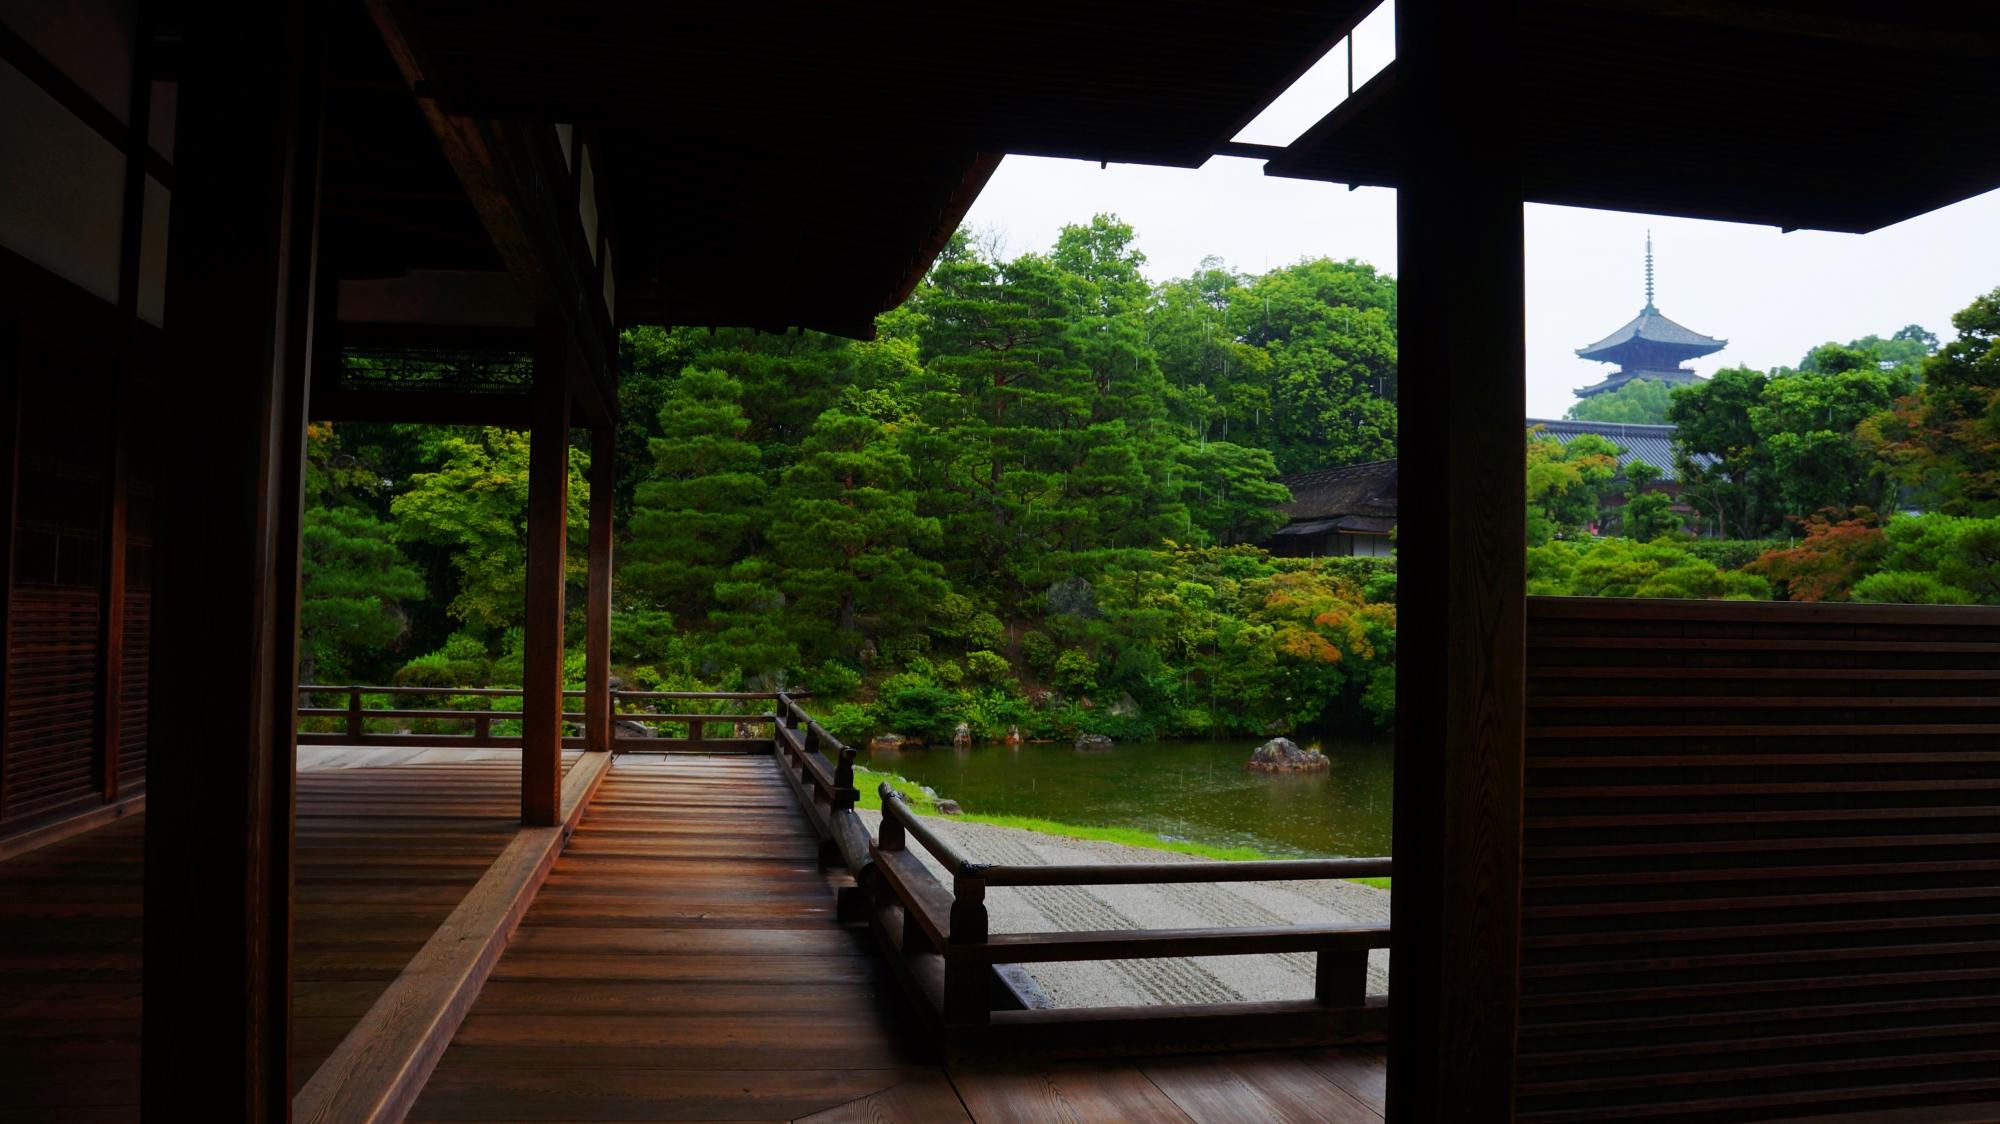 仁和寺 青もみじと新緑と雨 美しい緑の世界